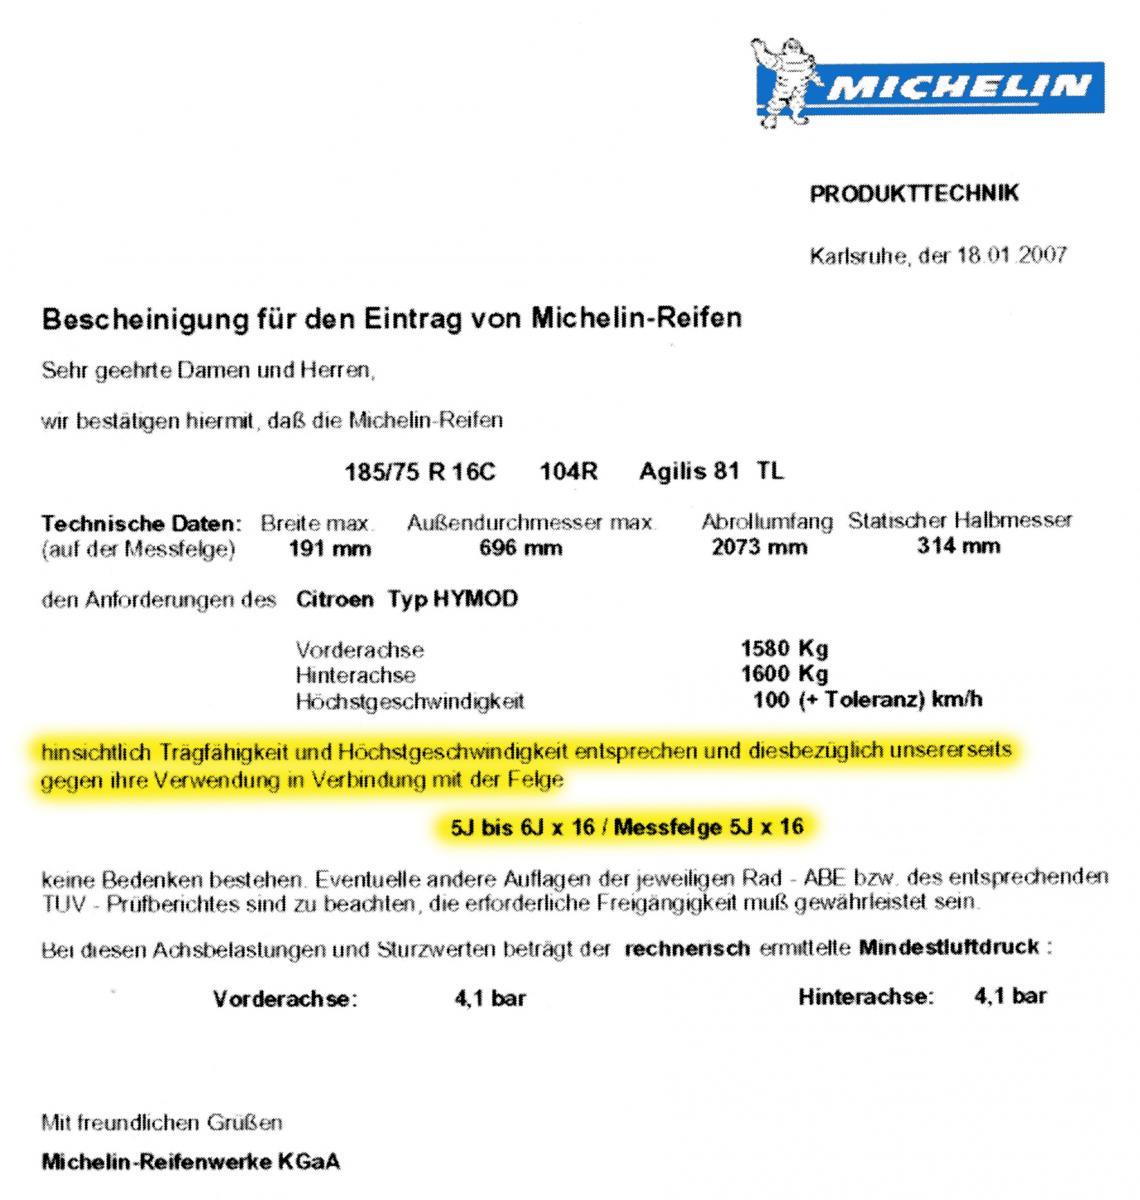 large.Besch_Michelin.jpg.85f4201ded32050c7ff57d7351efd594.jpg